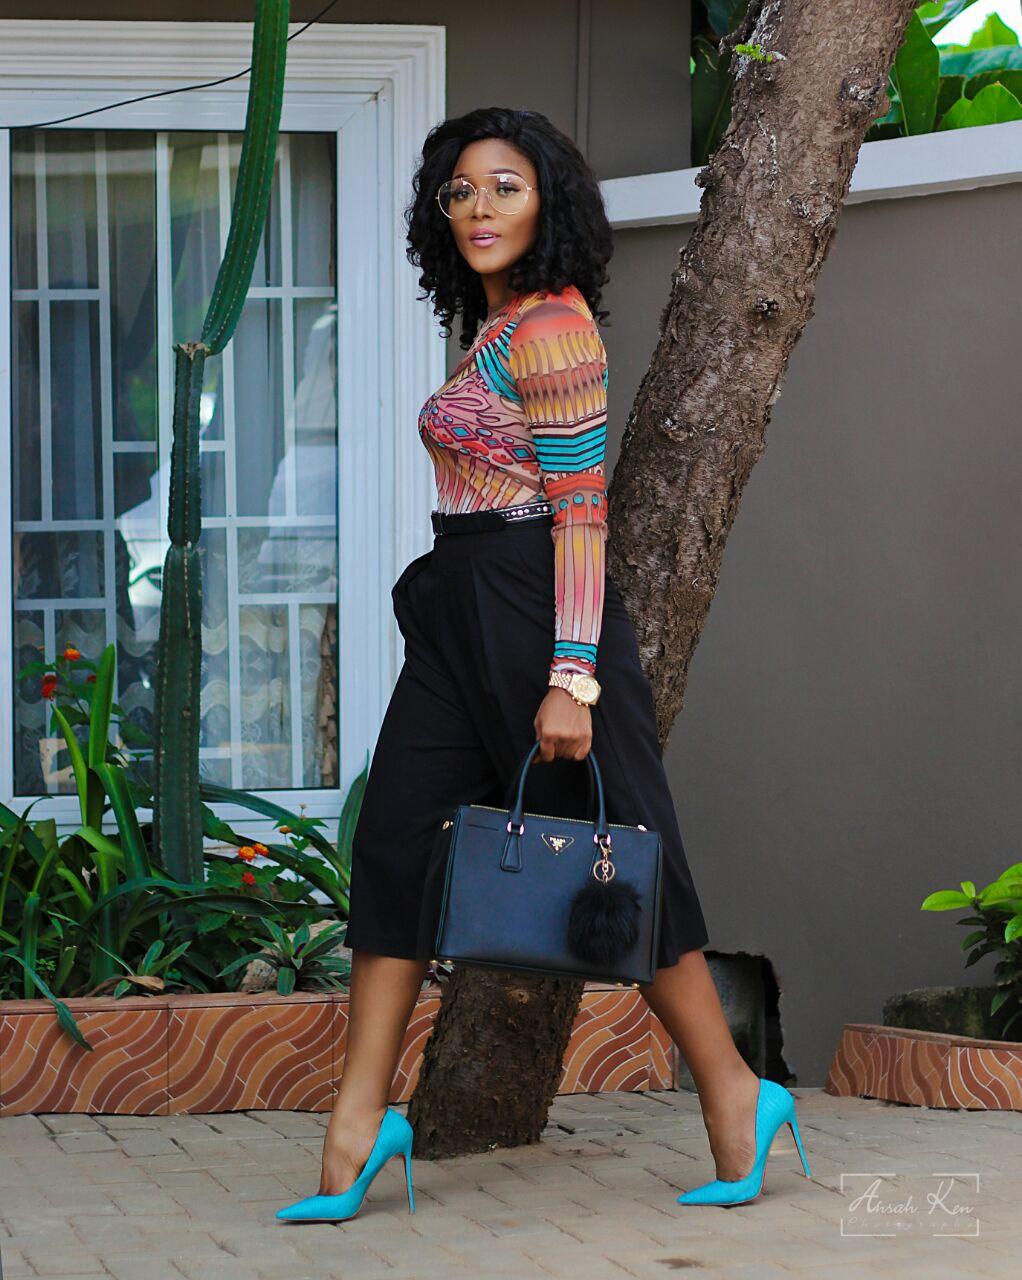 culottes-akosua-vee-african-fashion-8